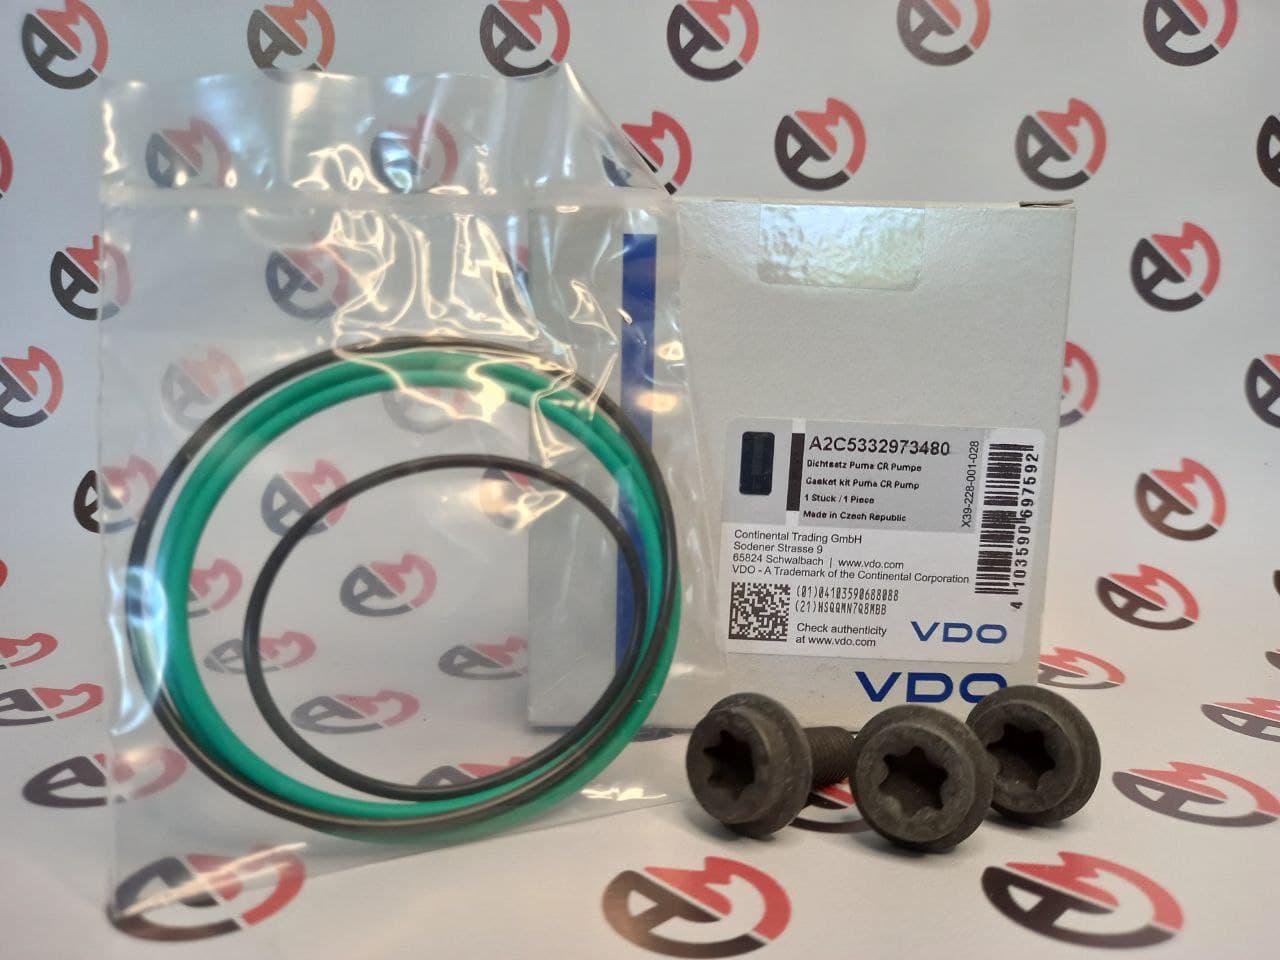 Ремкомплект VDO A2C5332973480